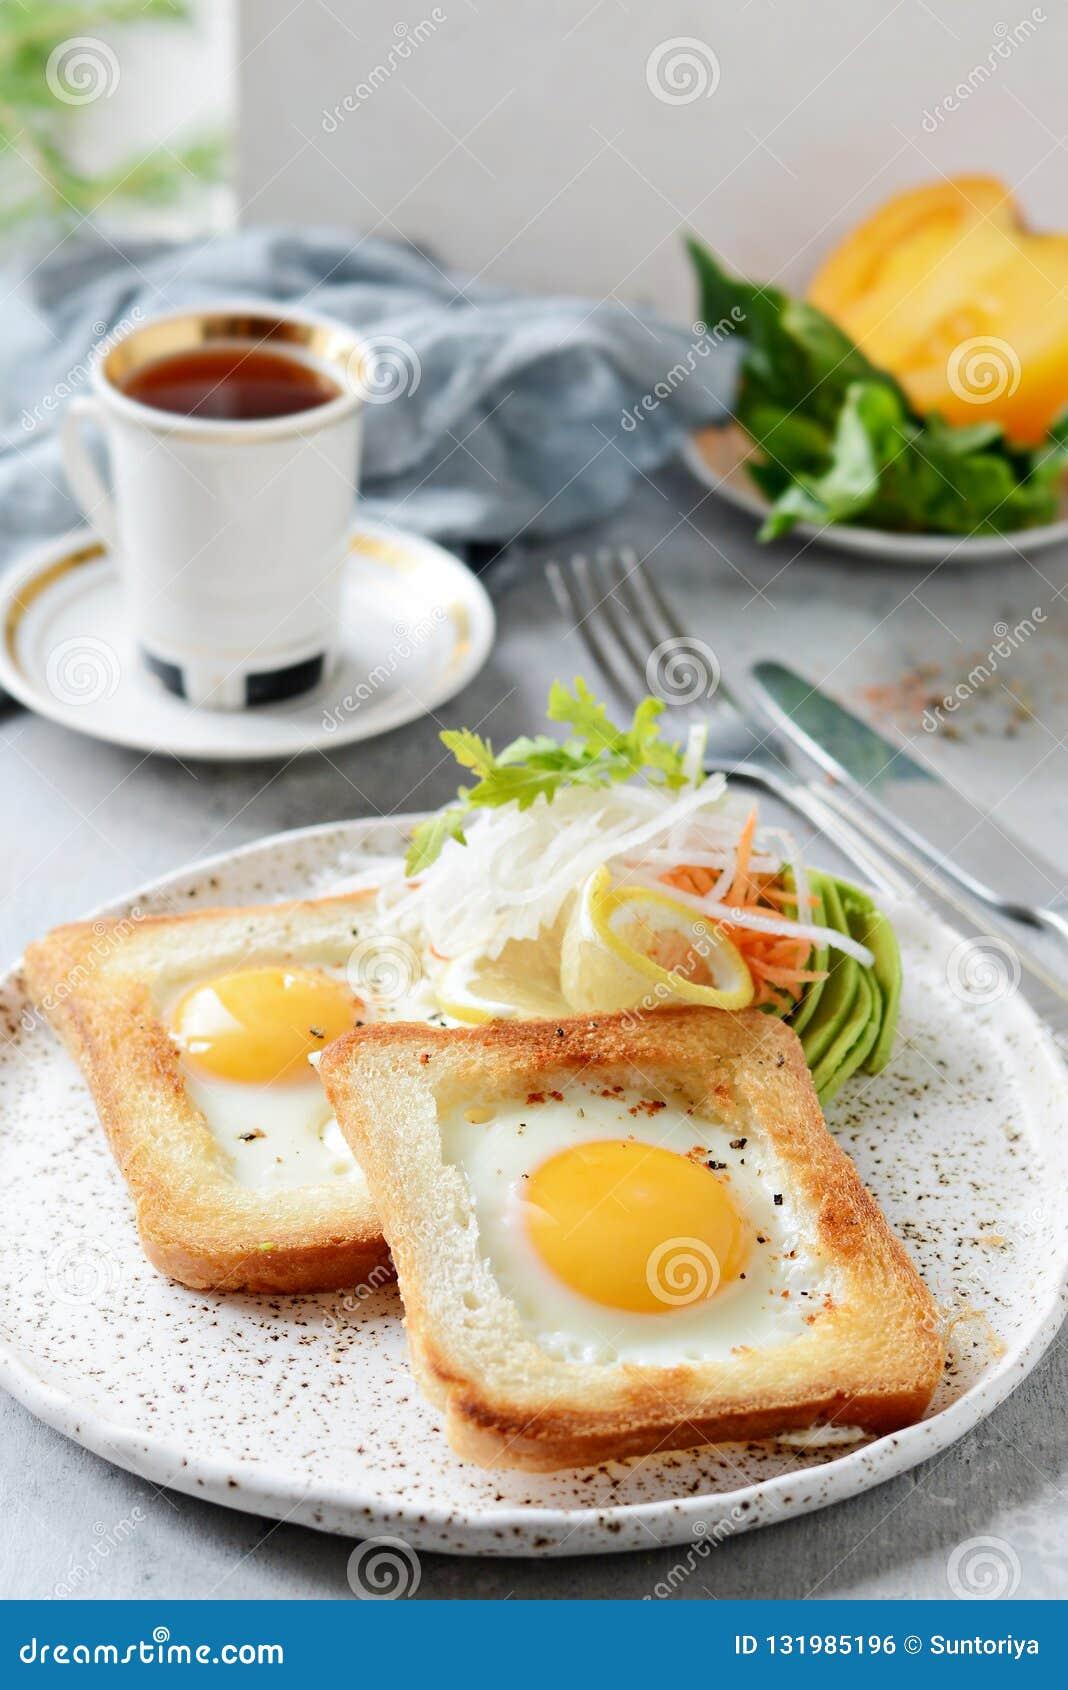 Amerikansk frukost på en platta med stekte ägg i rostat bröd, med tomater, ny daikon, morötter, arugula och espresso stekt ägg